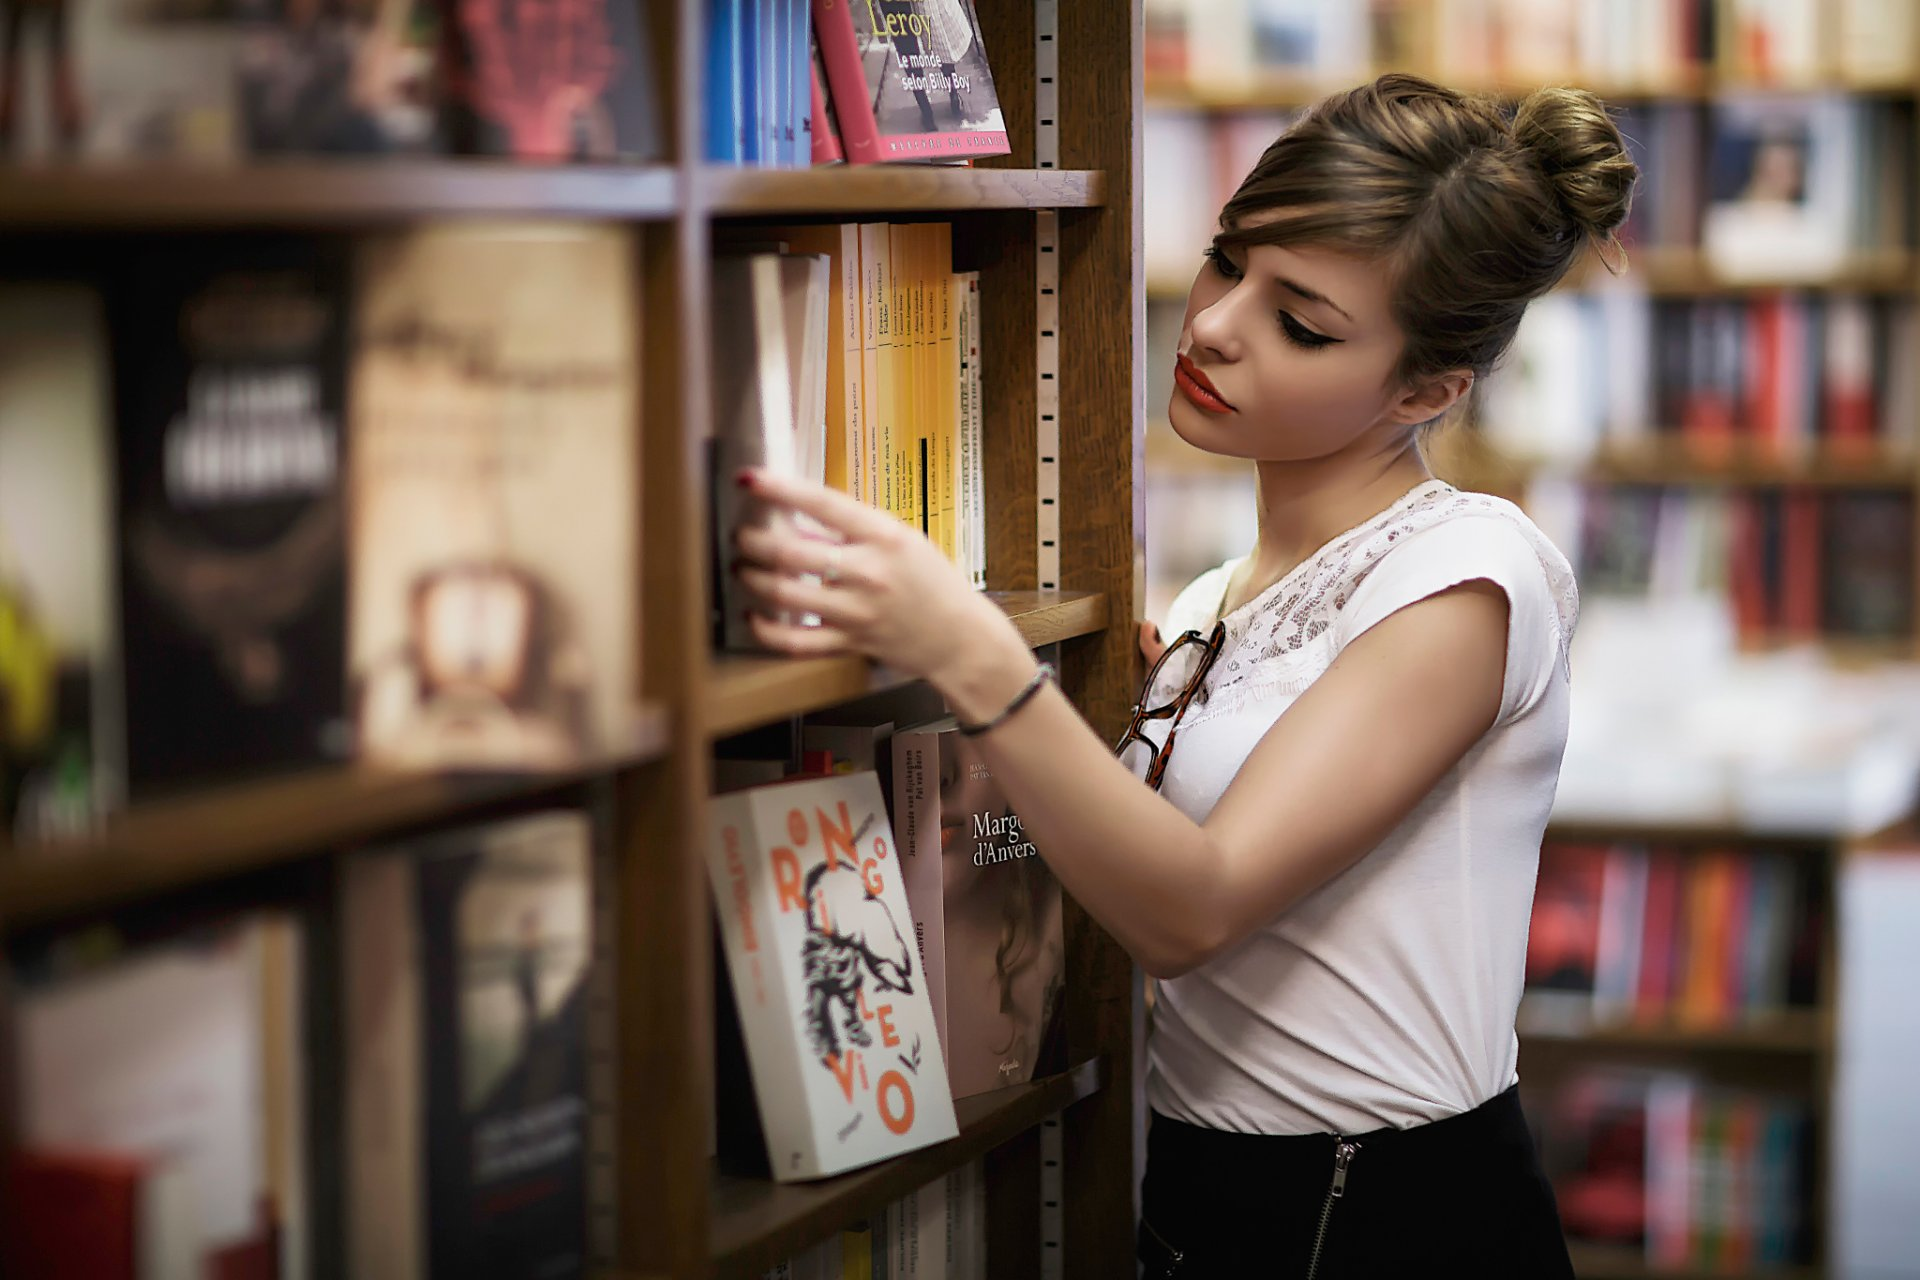 ногтевого почему нельзя фотографировать в книжных магазинах этом посте узнаете